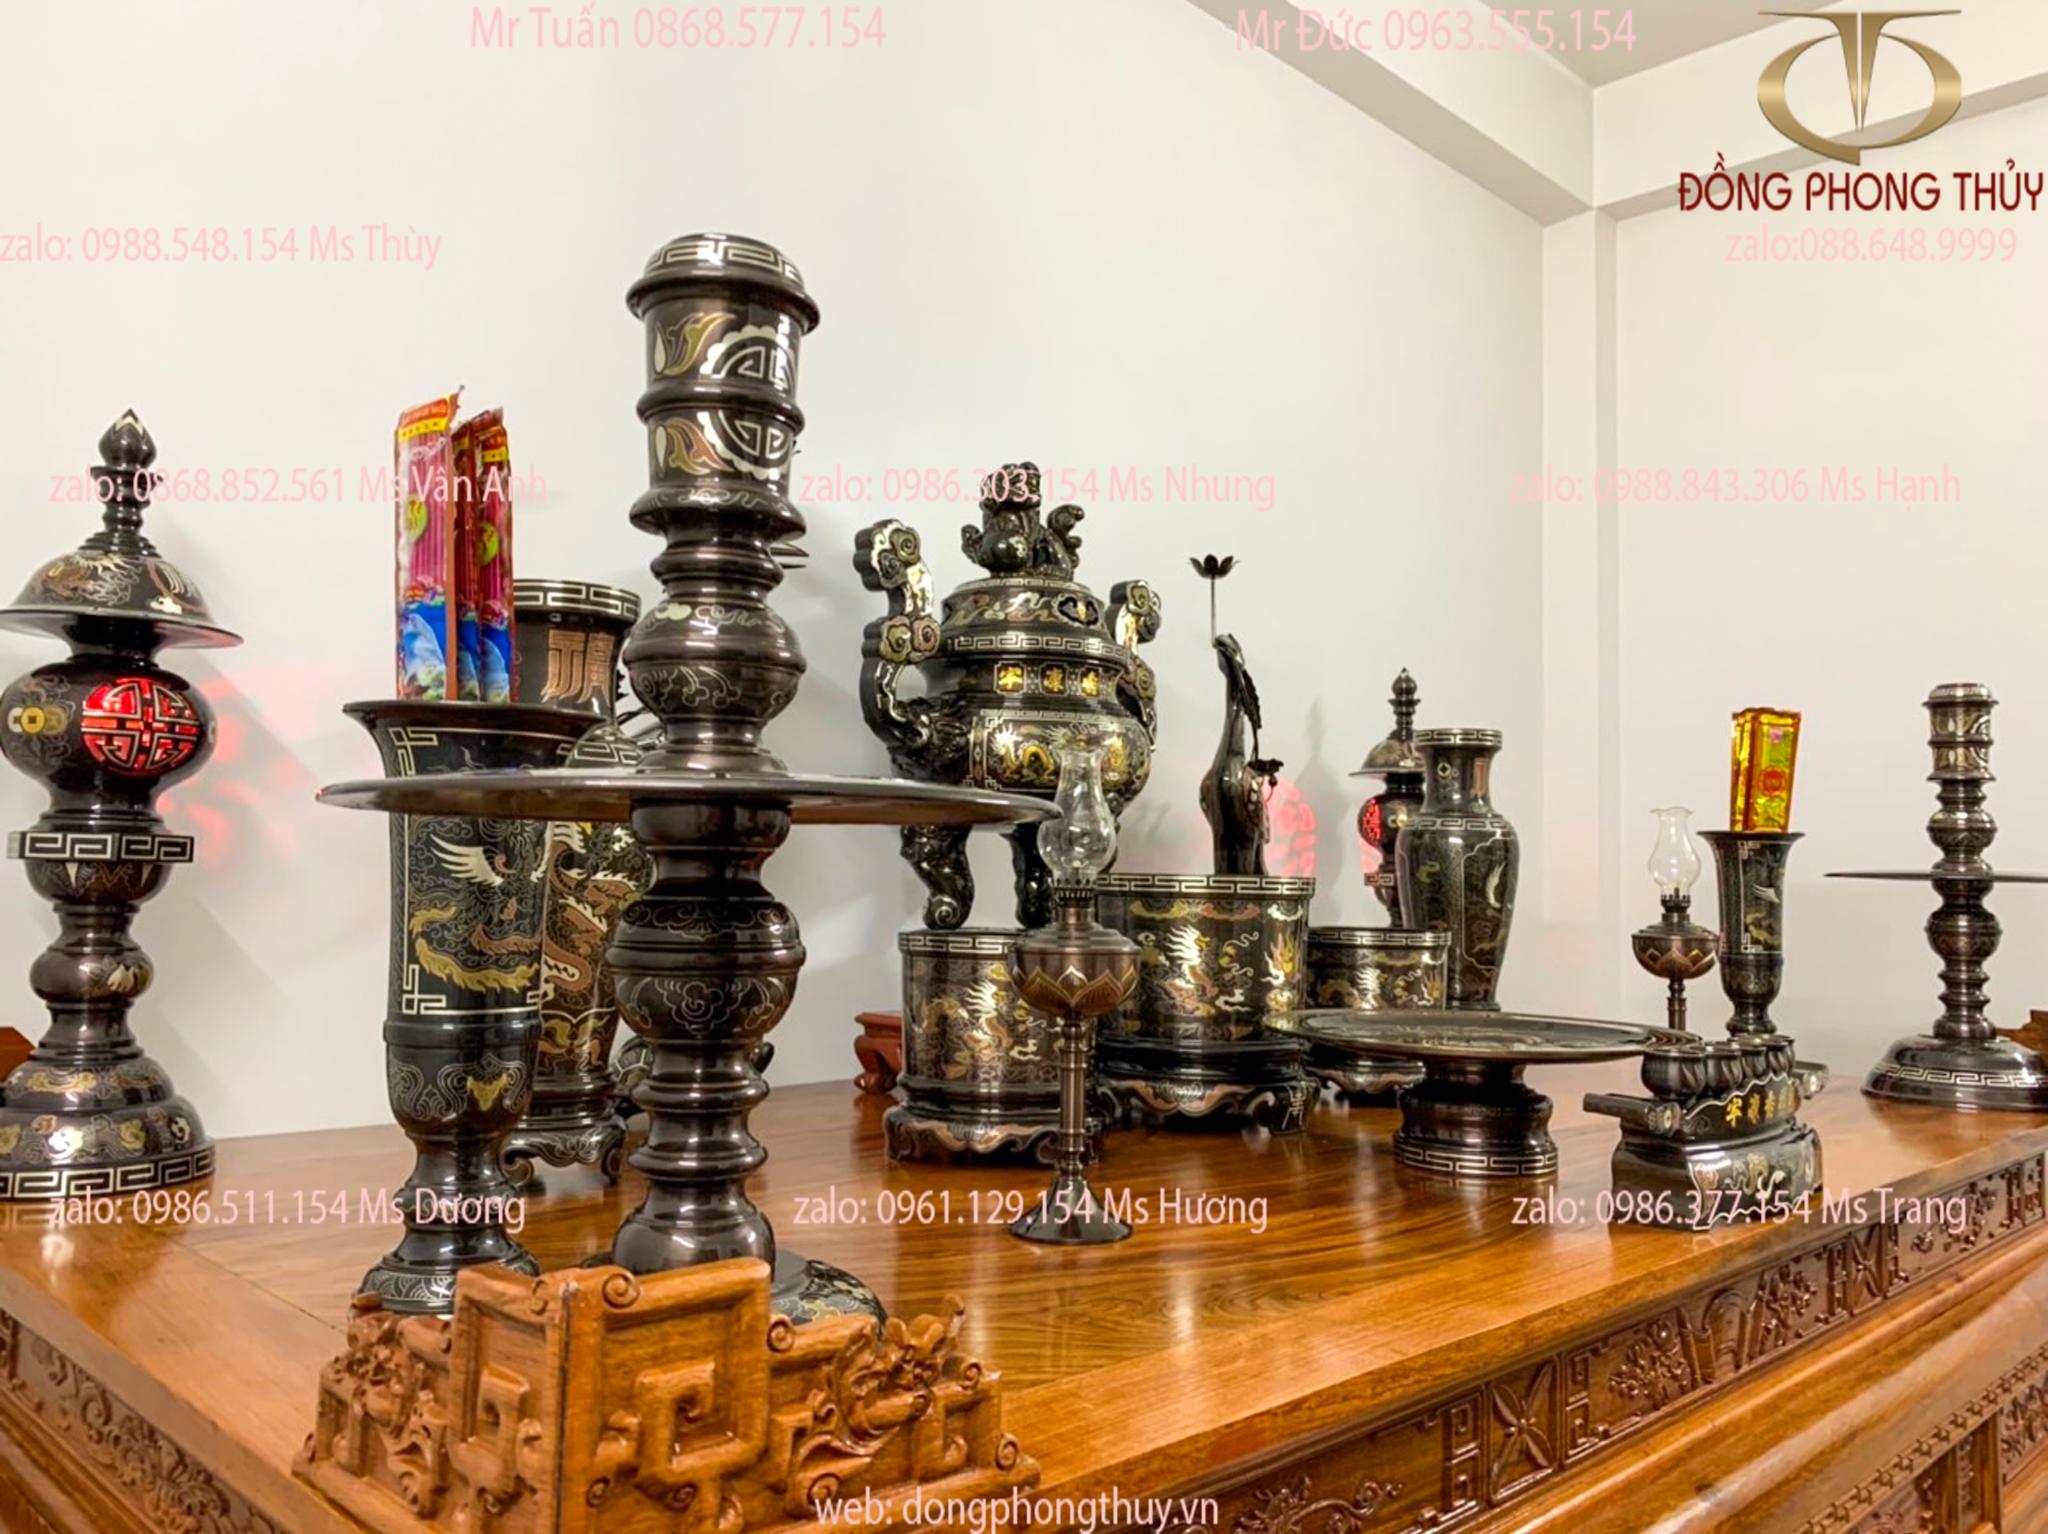 Bộ đỉnh đồng khảm ngũ sắc 70cm đầy đủ món giao cho anh Hùng ở Hải Phòng